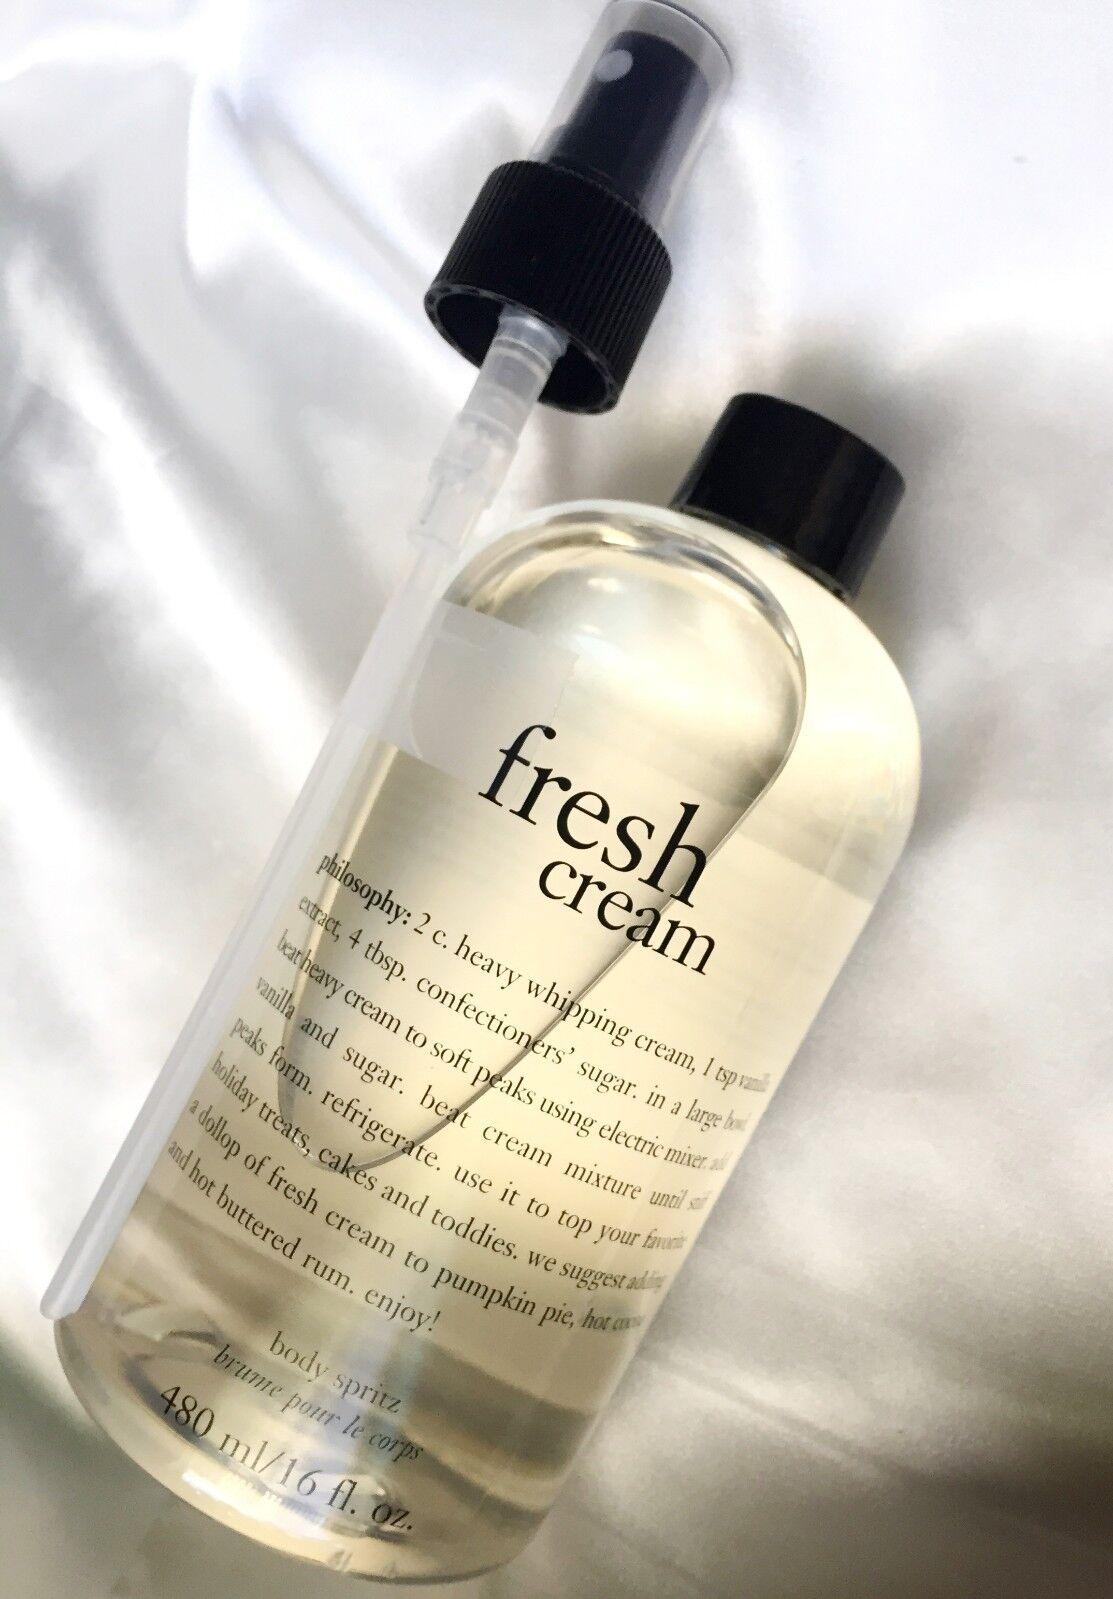 Philosophy 16 oz FRESH CREAM Fragranced Body Spritz with spr